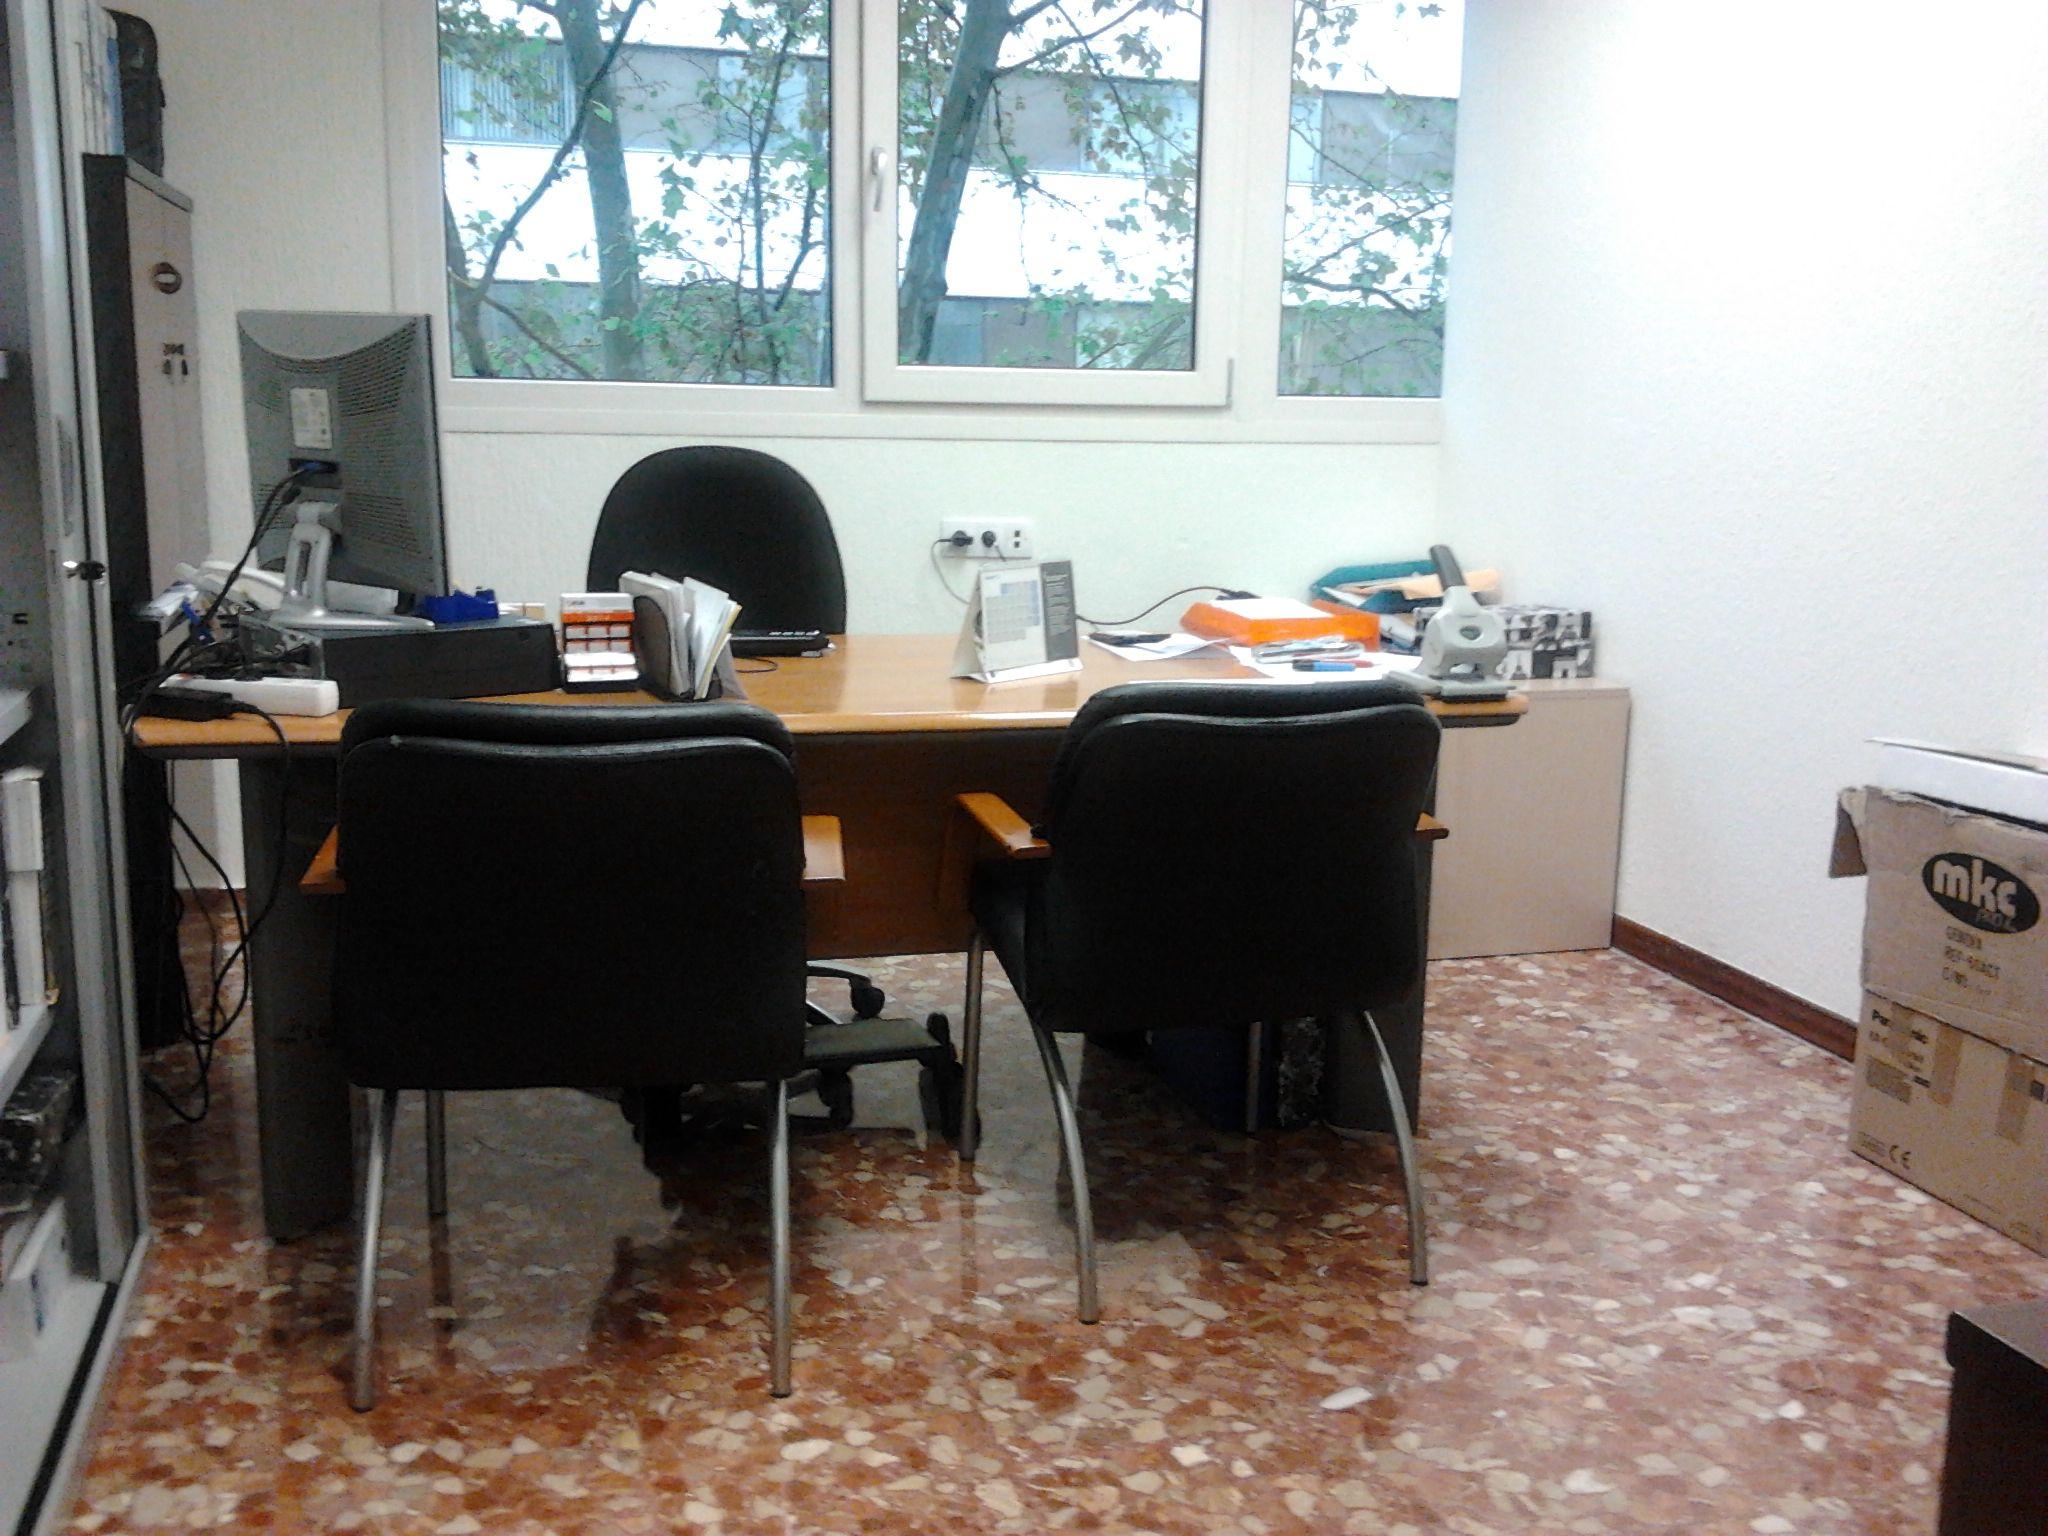 El m todo de las 5s para limpiar la oficina vga for Trabajo para limpiar oficinas